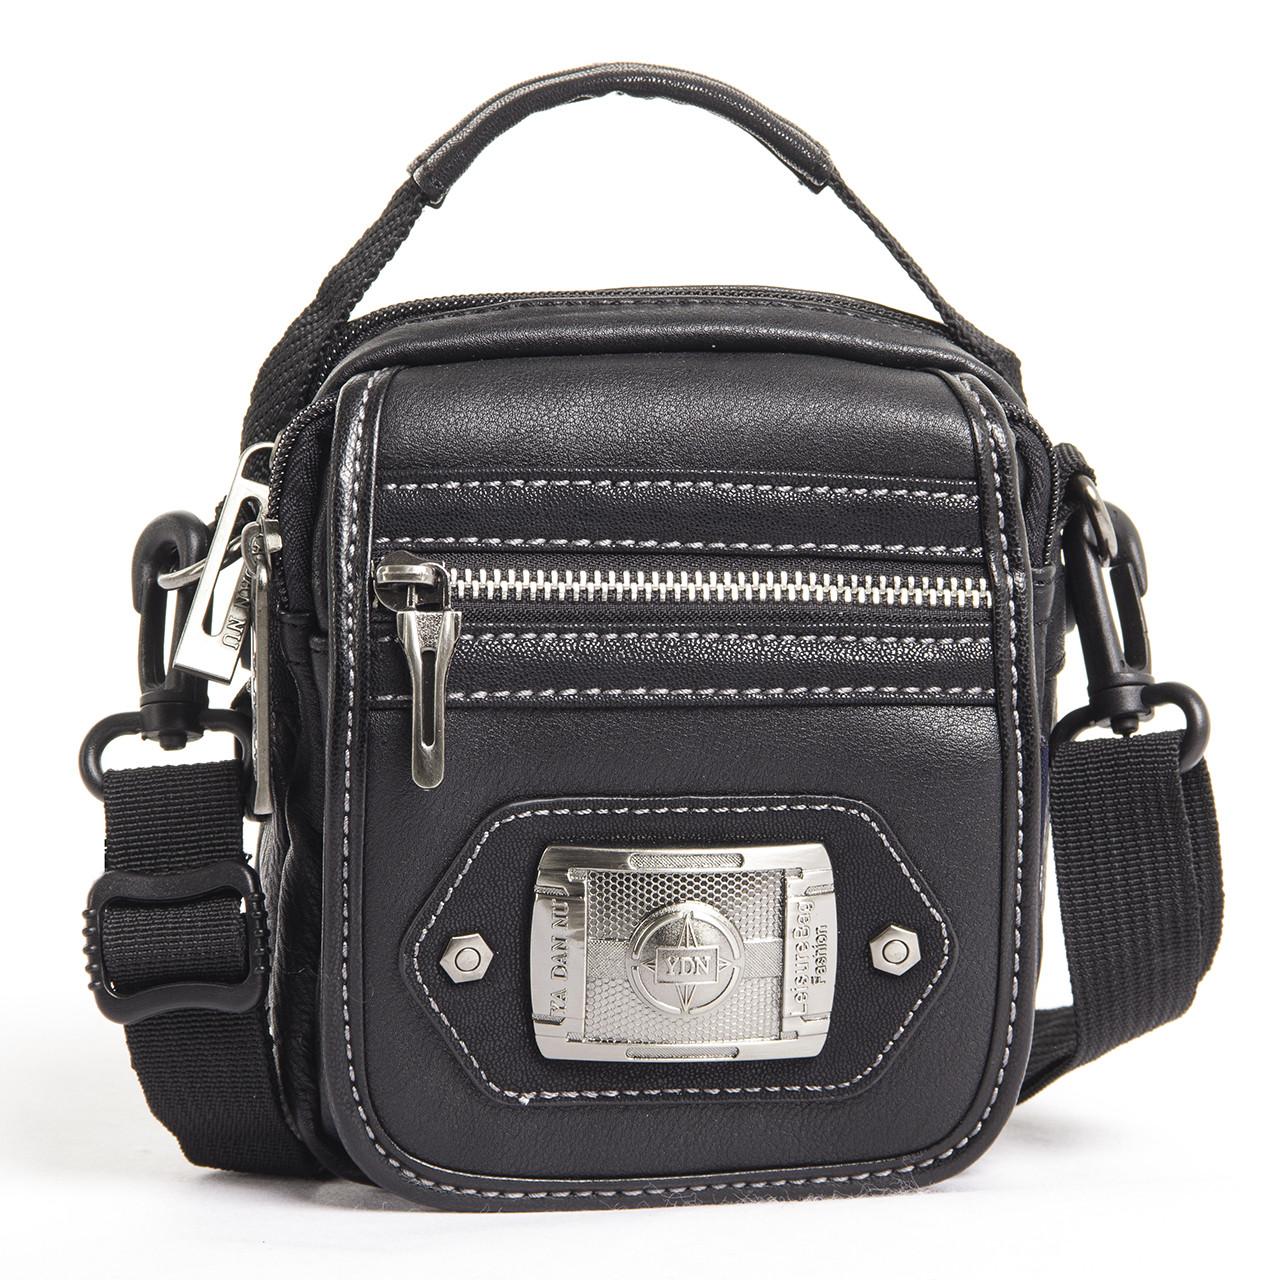 Сумка-кошелёк вертикальный чёрный YADAN 13х16х5  экокожа  кс1090